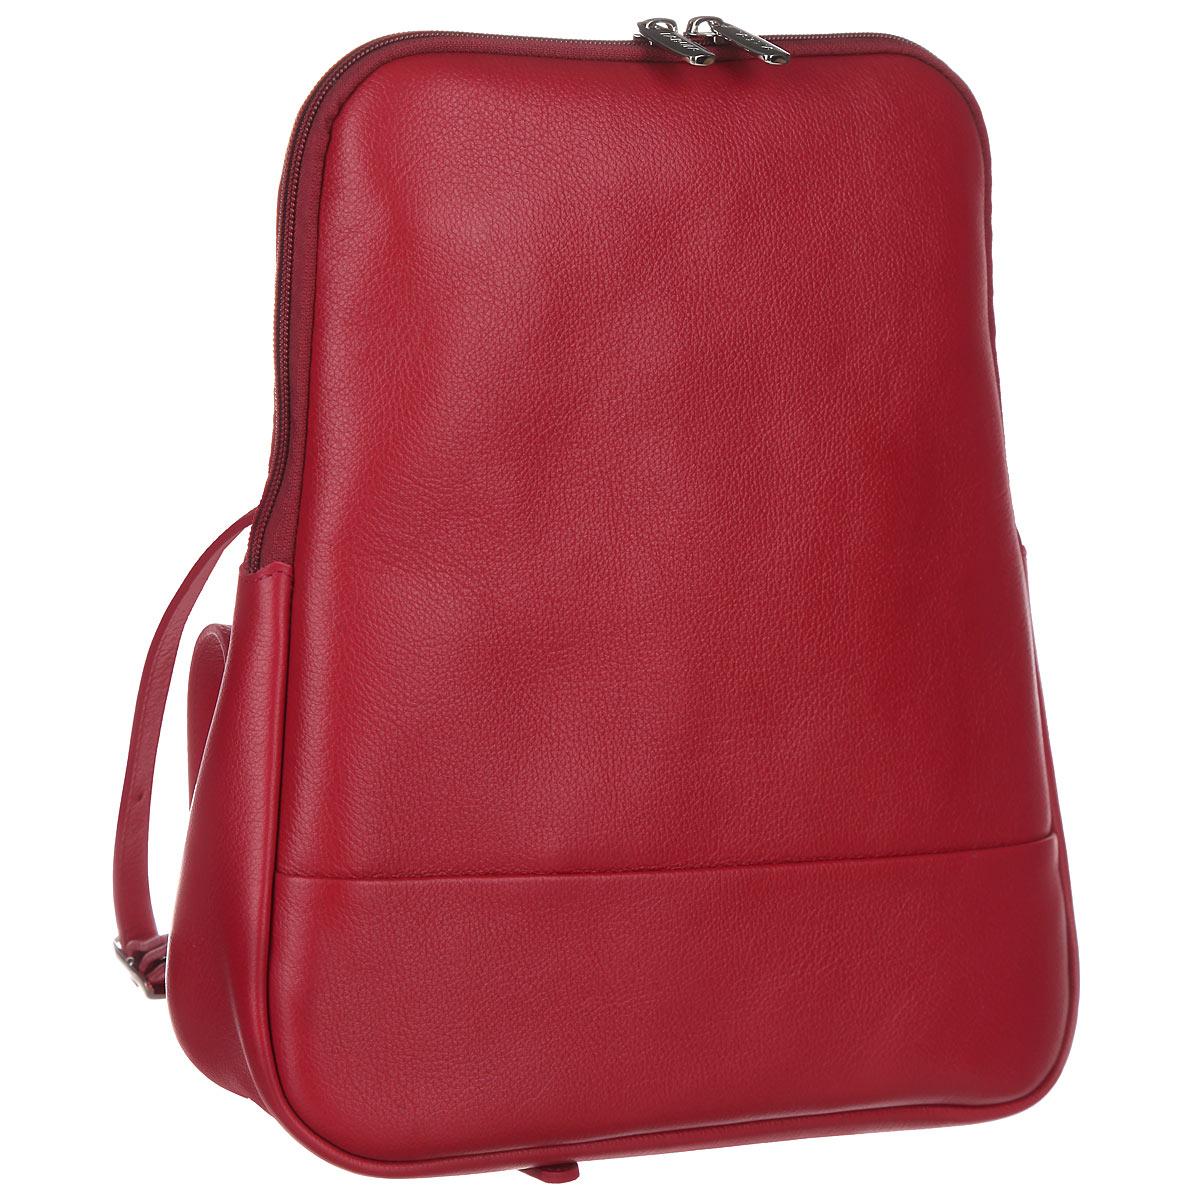 Рюкзак женский Fabula, цвет: ягодный. S.141.FP клатчи fabula s 124 fp zelenyj